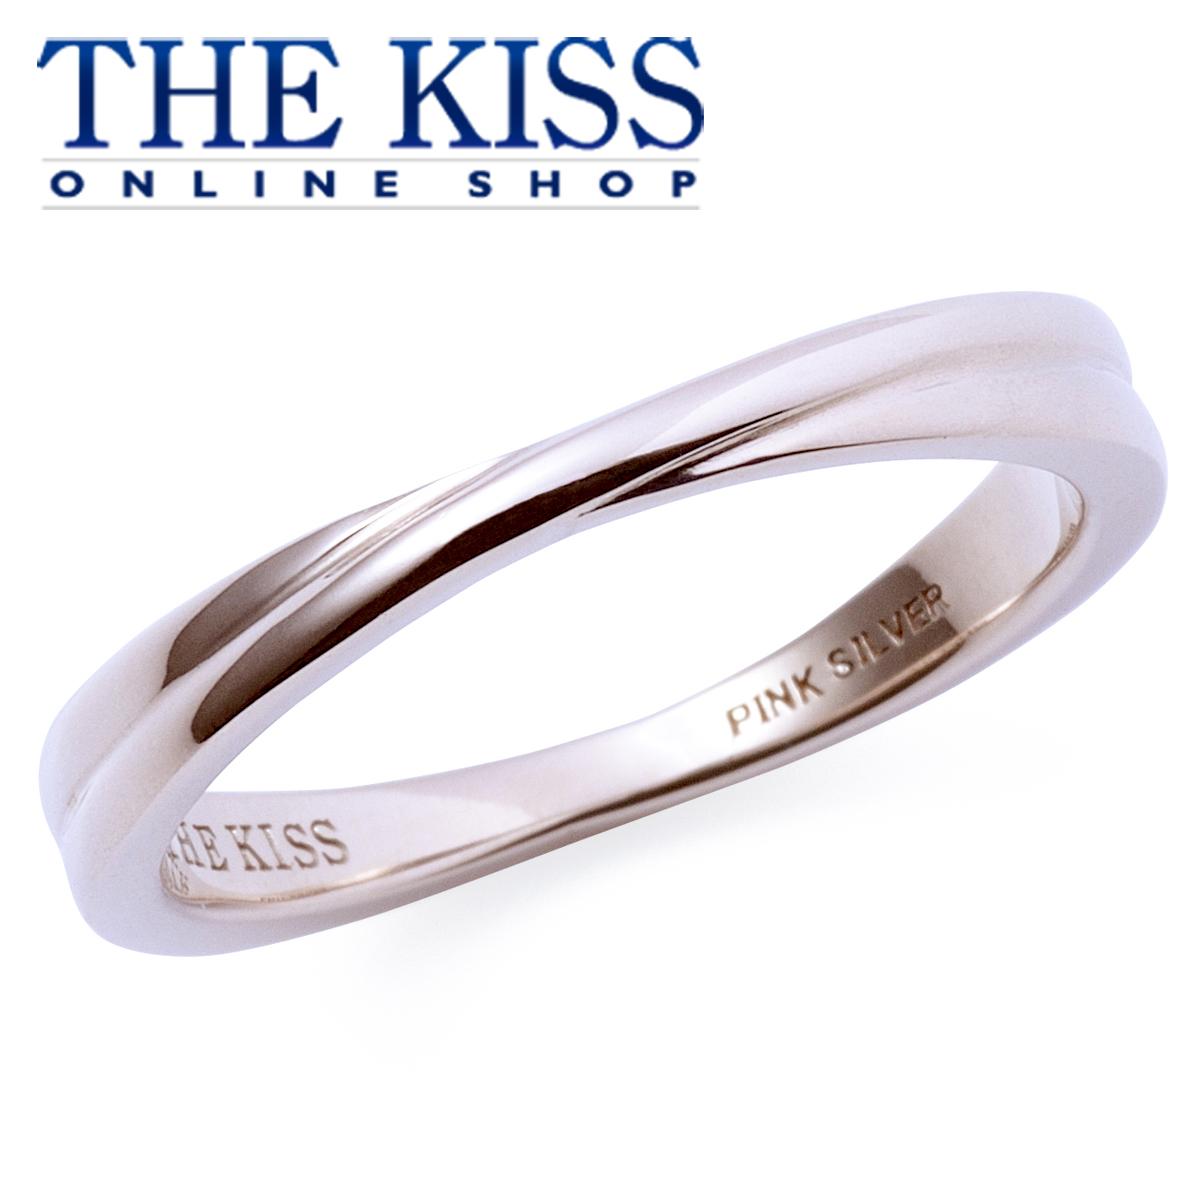 【あす楽対応】THE KISS 公式サイト ピンクシルバー ペアリング ( レディース 単品 ) ペアアクセサリー カップル に 人気 の ジュエリーブランド ペア リング・指輪 PSV1322 ザキス 【送料無料】